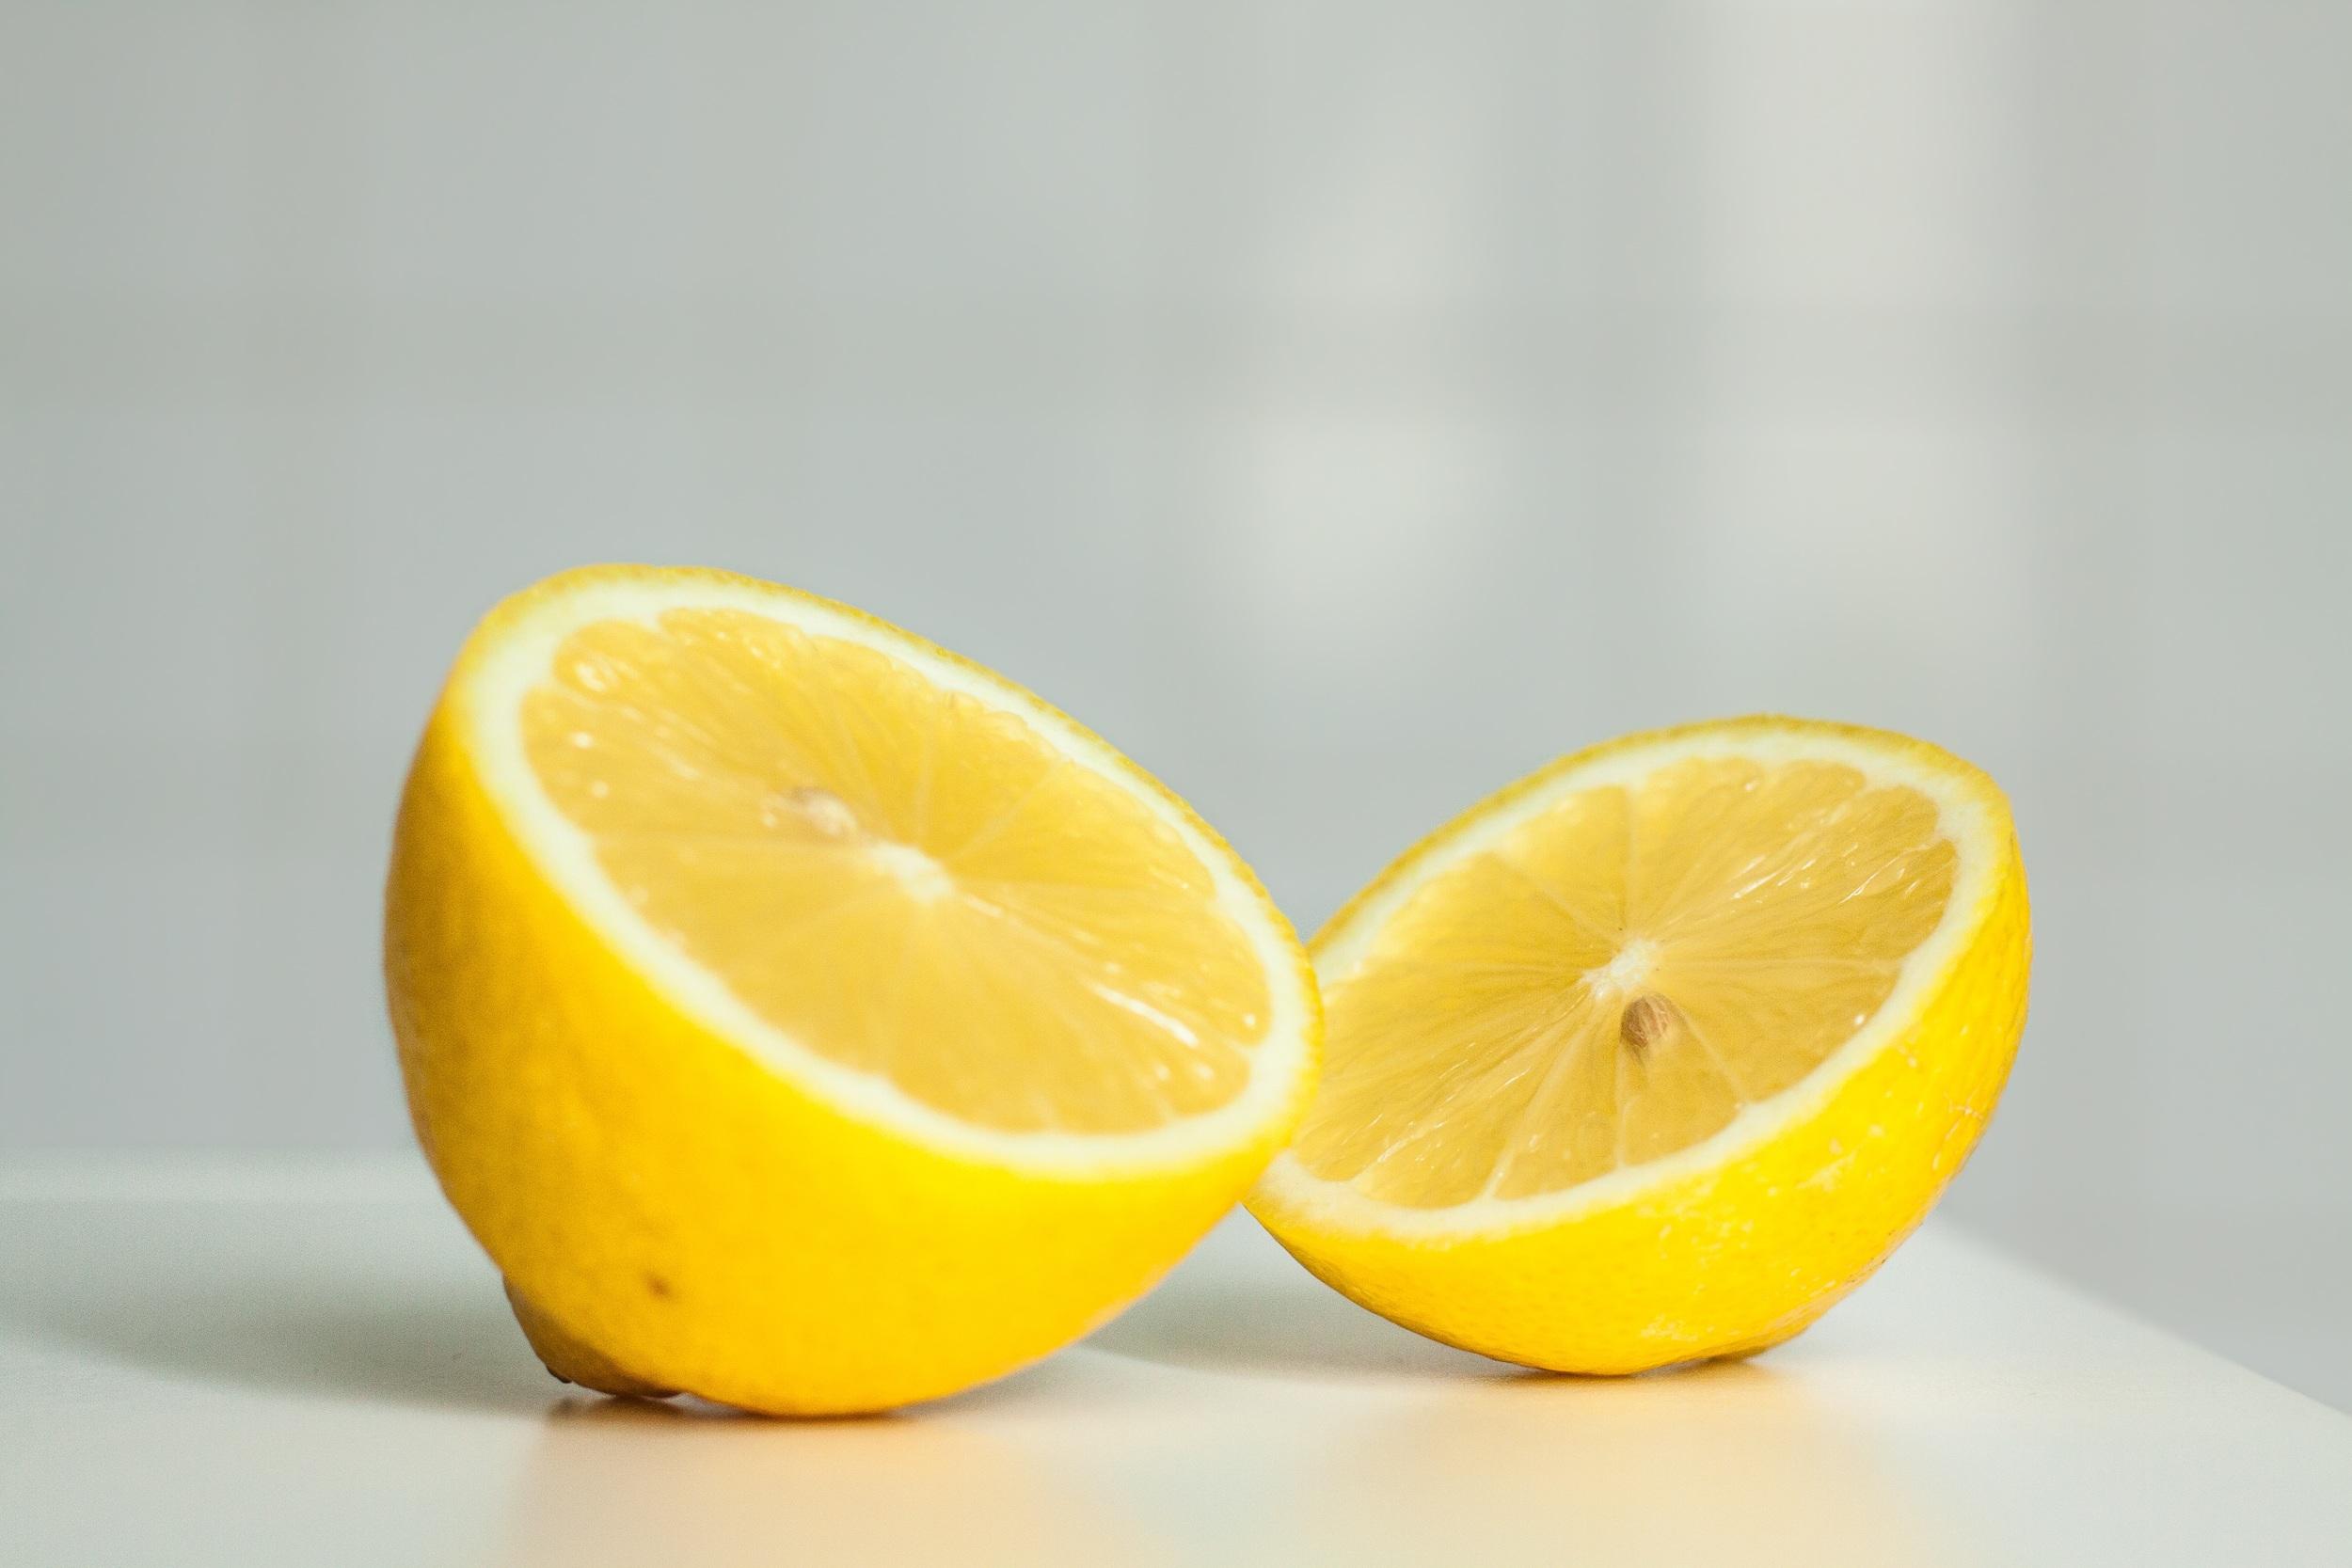 Lemon juice and apple cider vinegar to detox